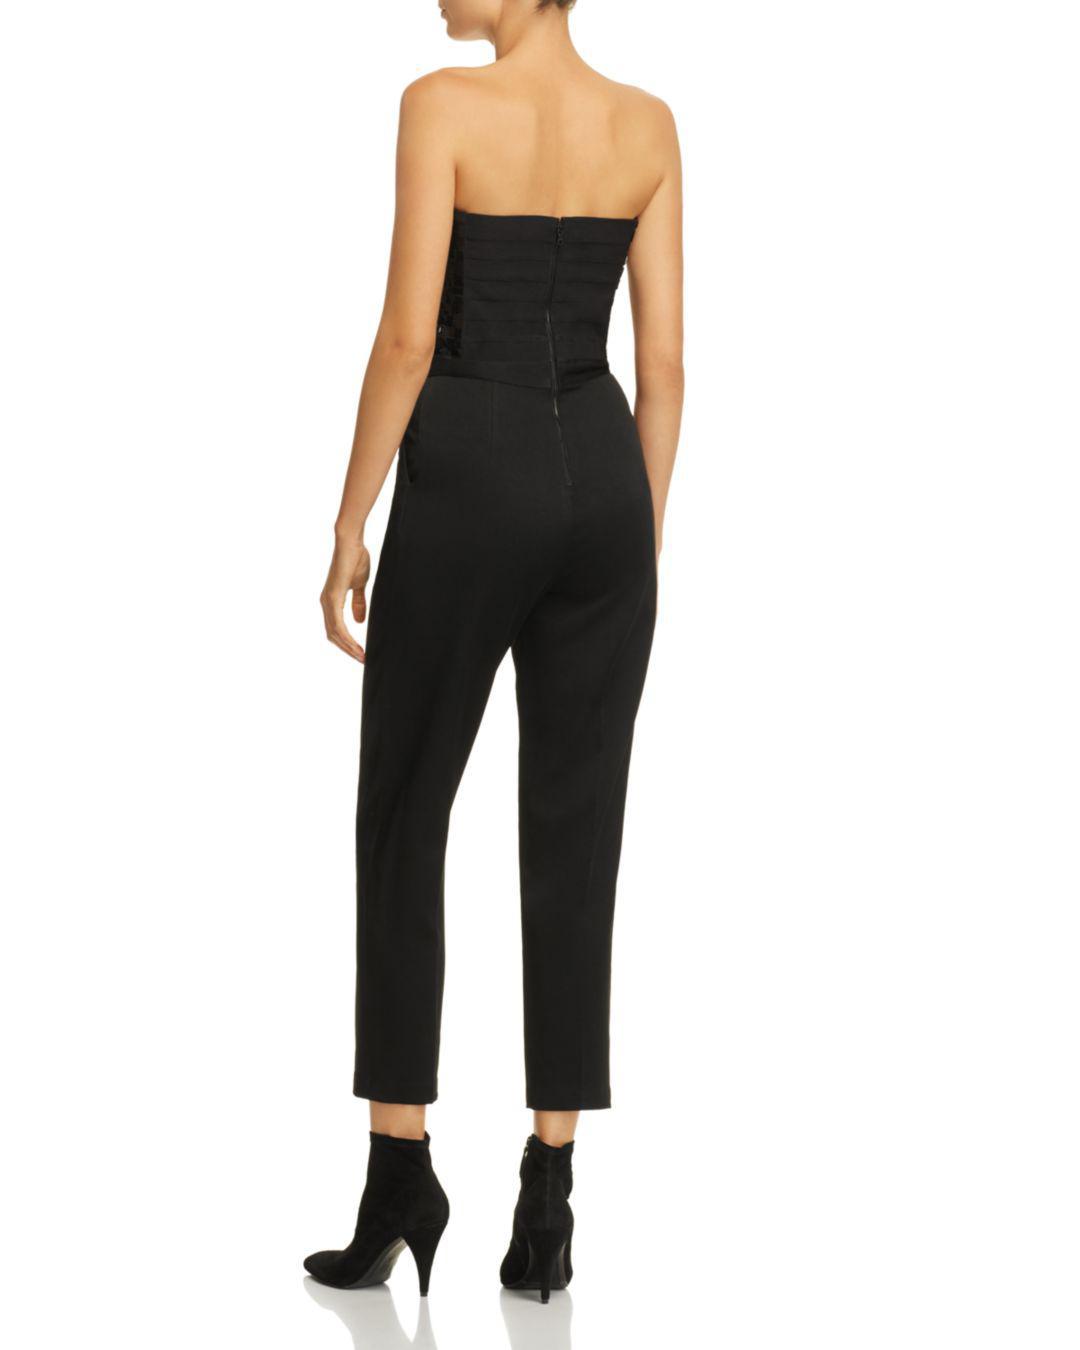 96ba1566df52 Alice + Olivia Alice + Olivia Jeri Embellished Strapless Jumpsuit in Black  - Lyst